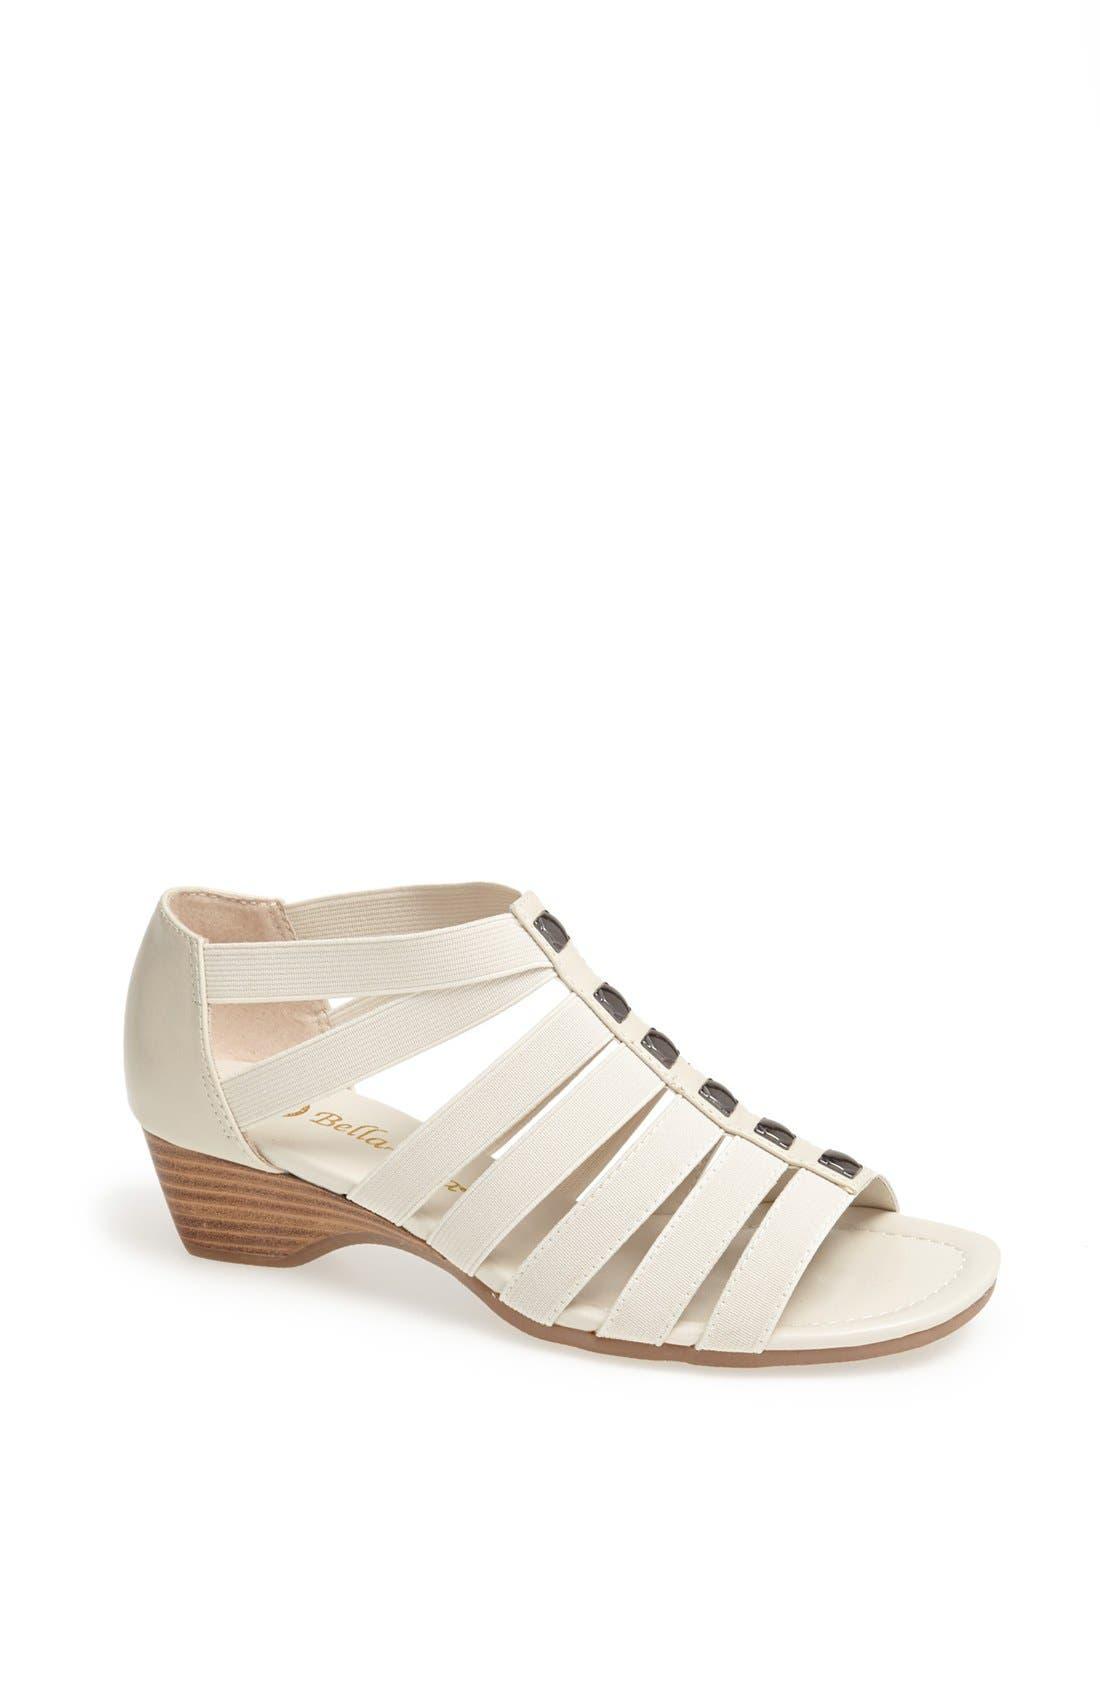 BELLA VITA 'Paula II' Sandal, Main, color, BONE